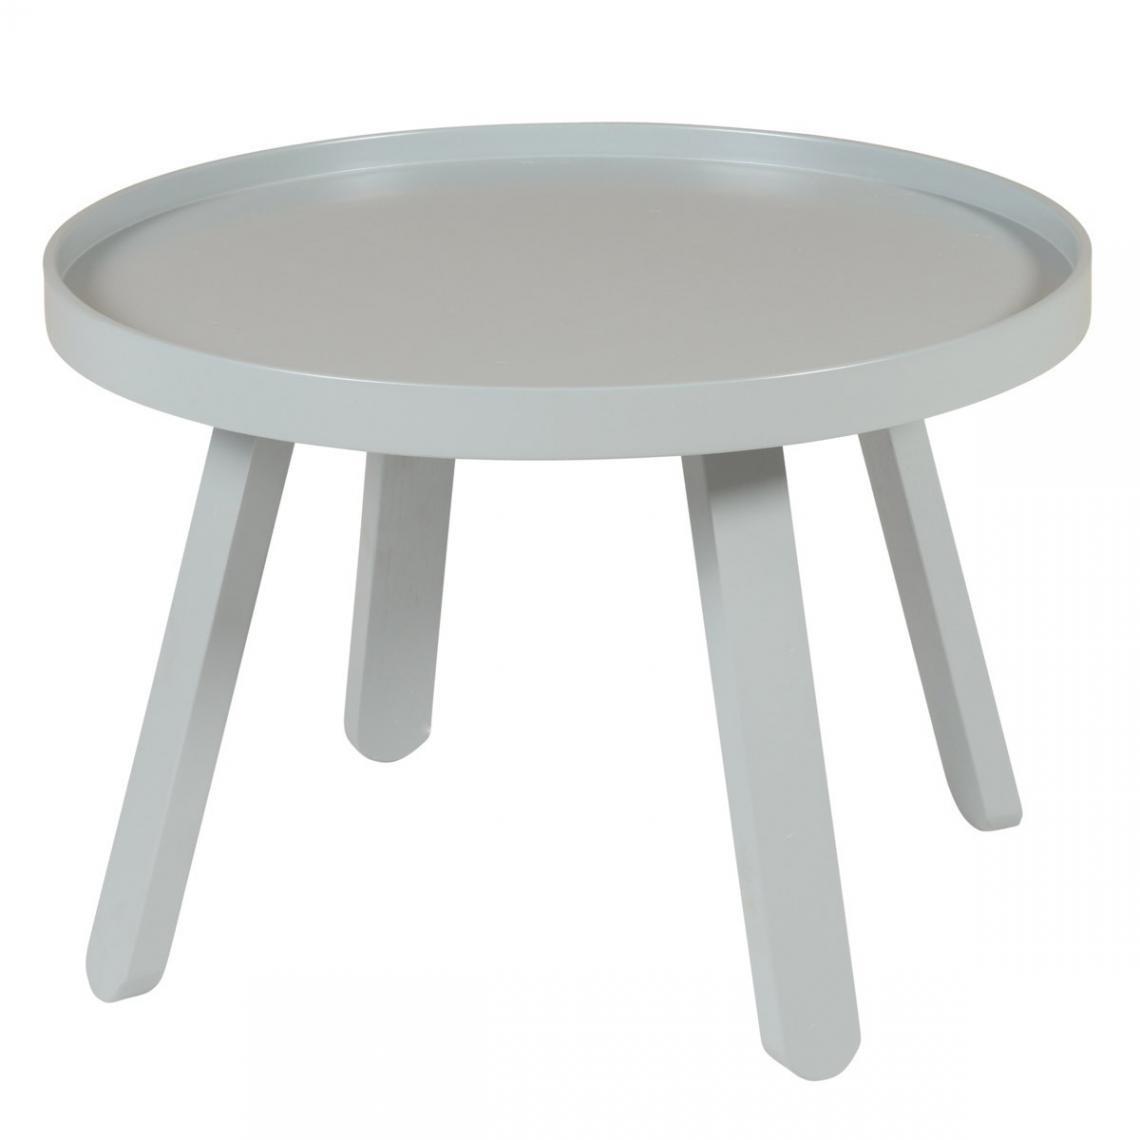 Table Basse Bois Gris Kalena